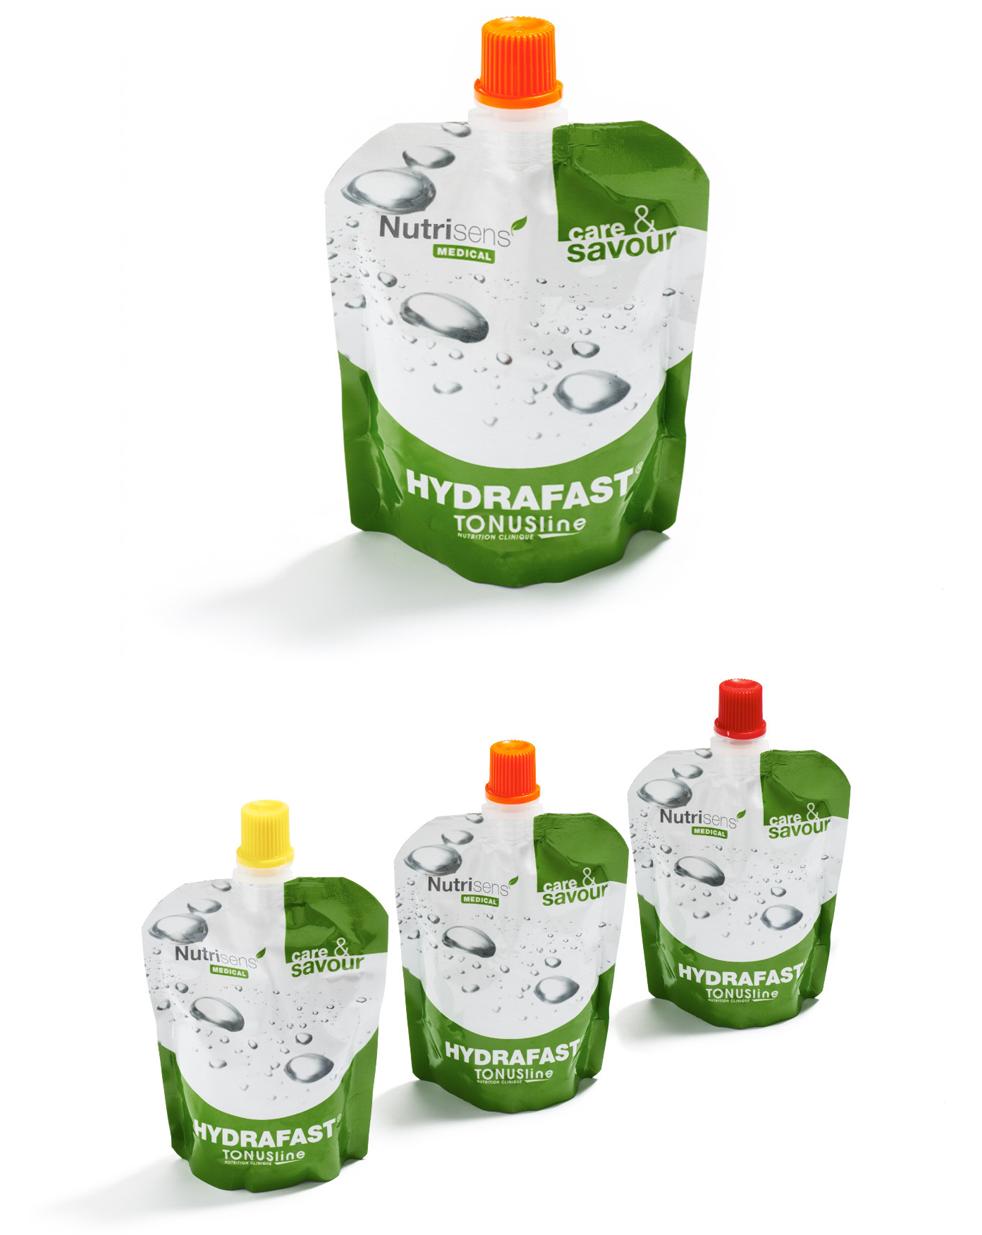 HydraFAST